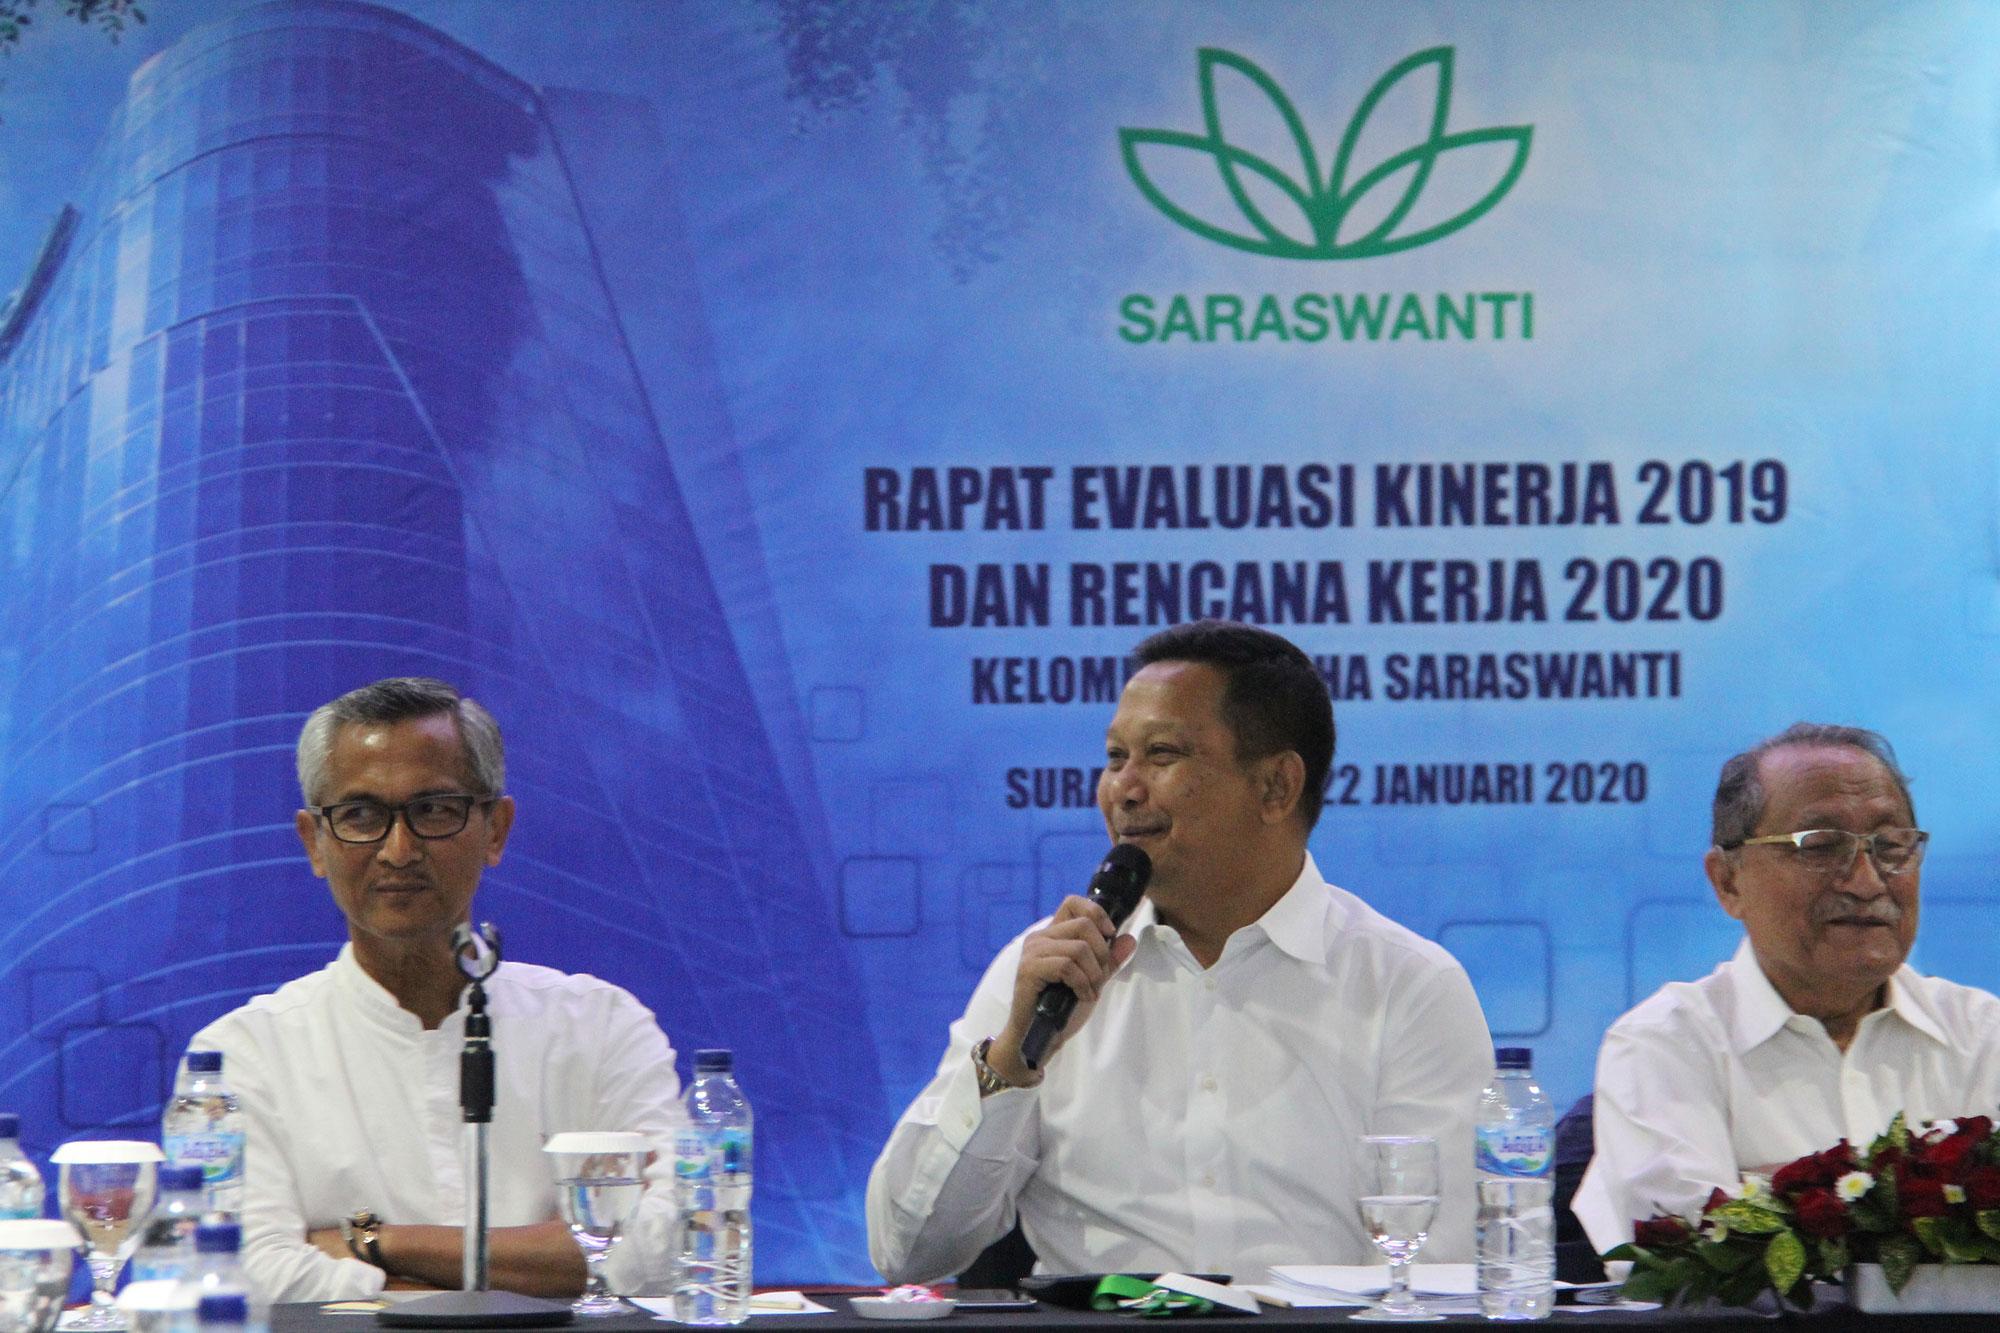 Saraswanti Group Rapat Evaluasi Kinerja 2019 Rencana Kerja 2020 01